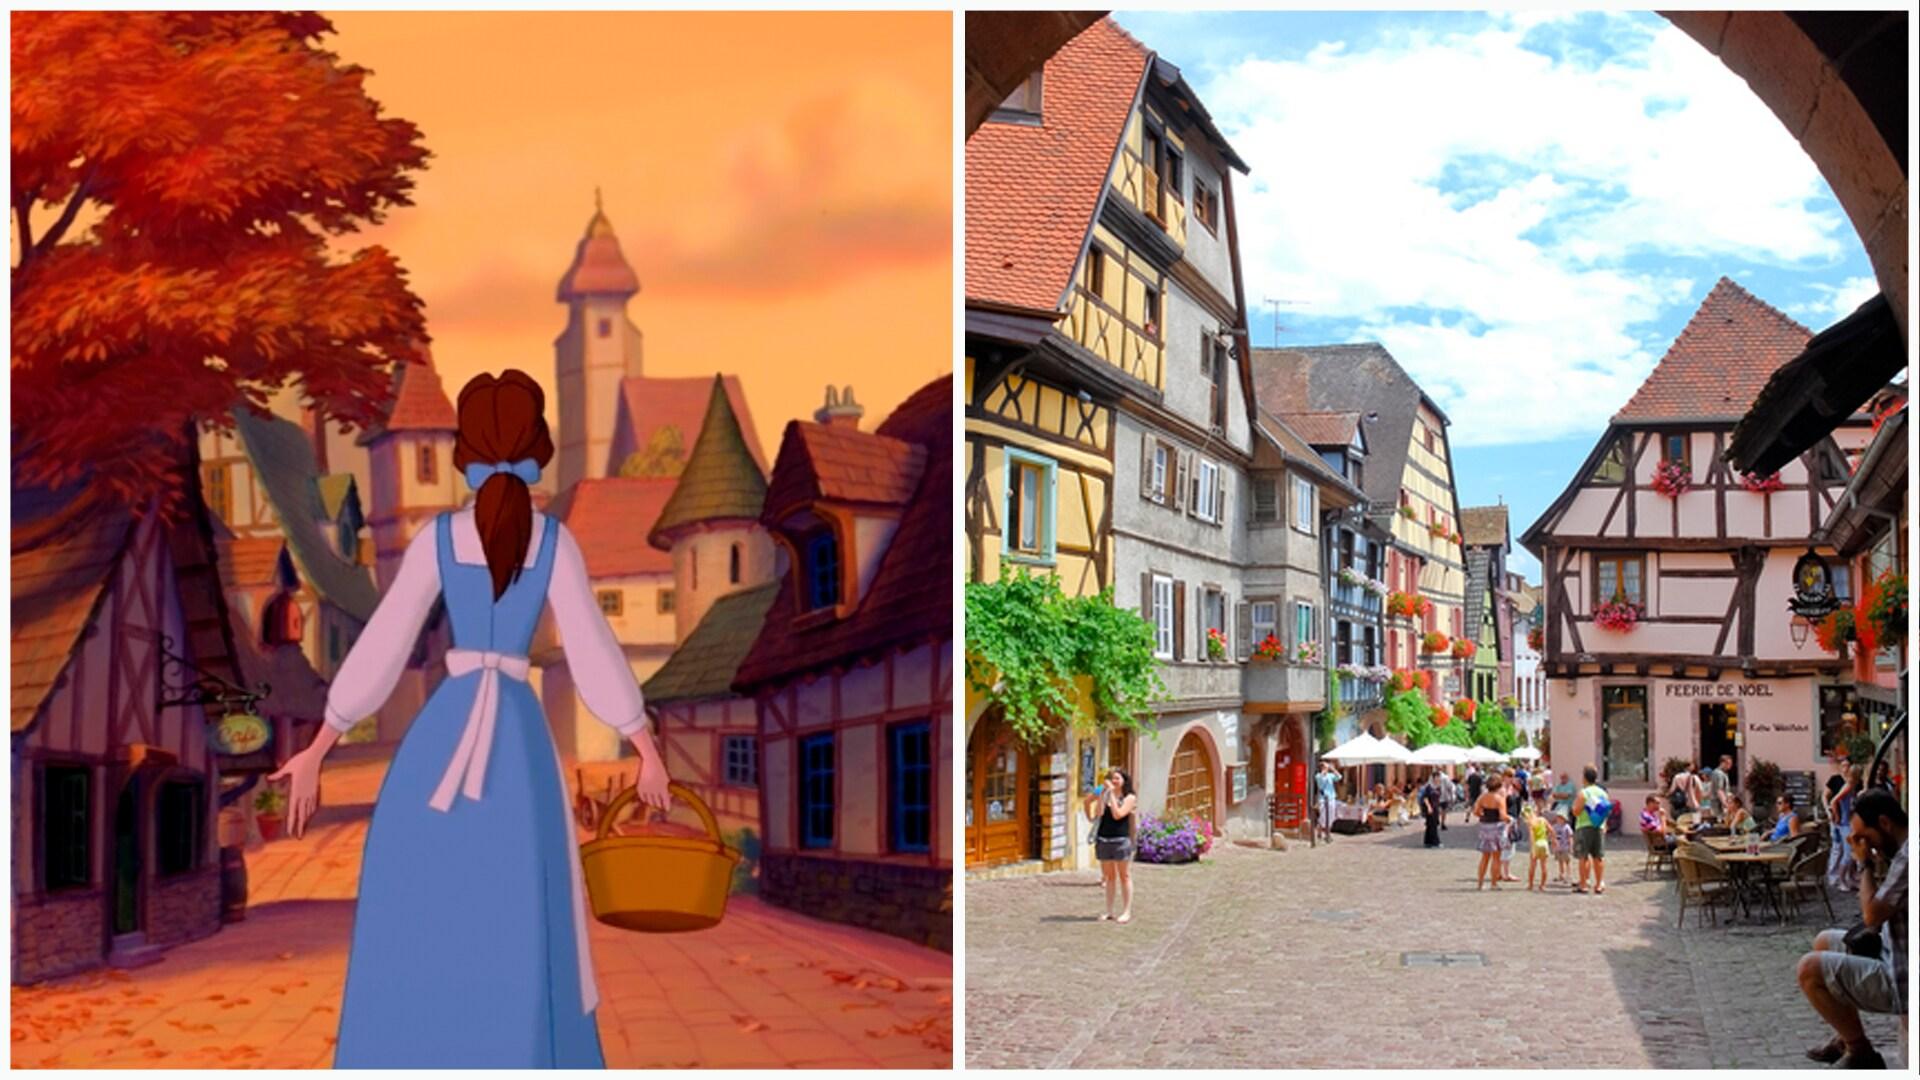 A Bela e a Fera - Riquewihr, França